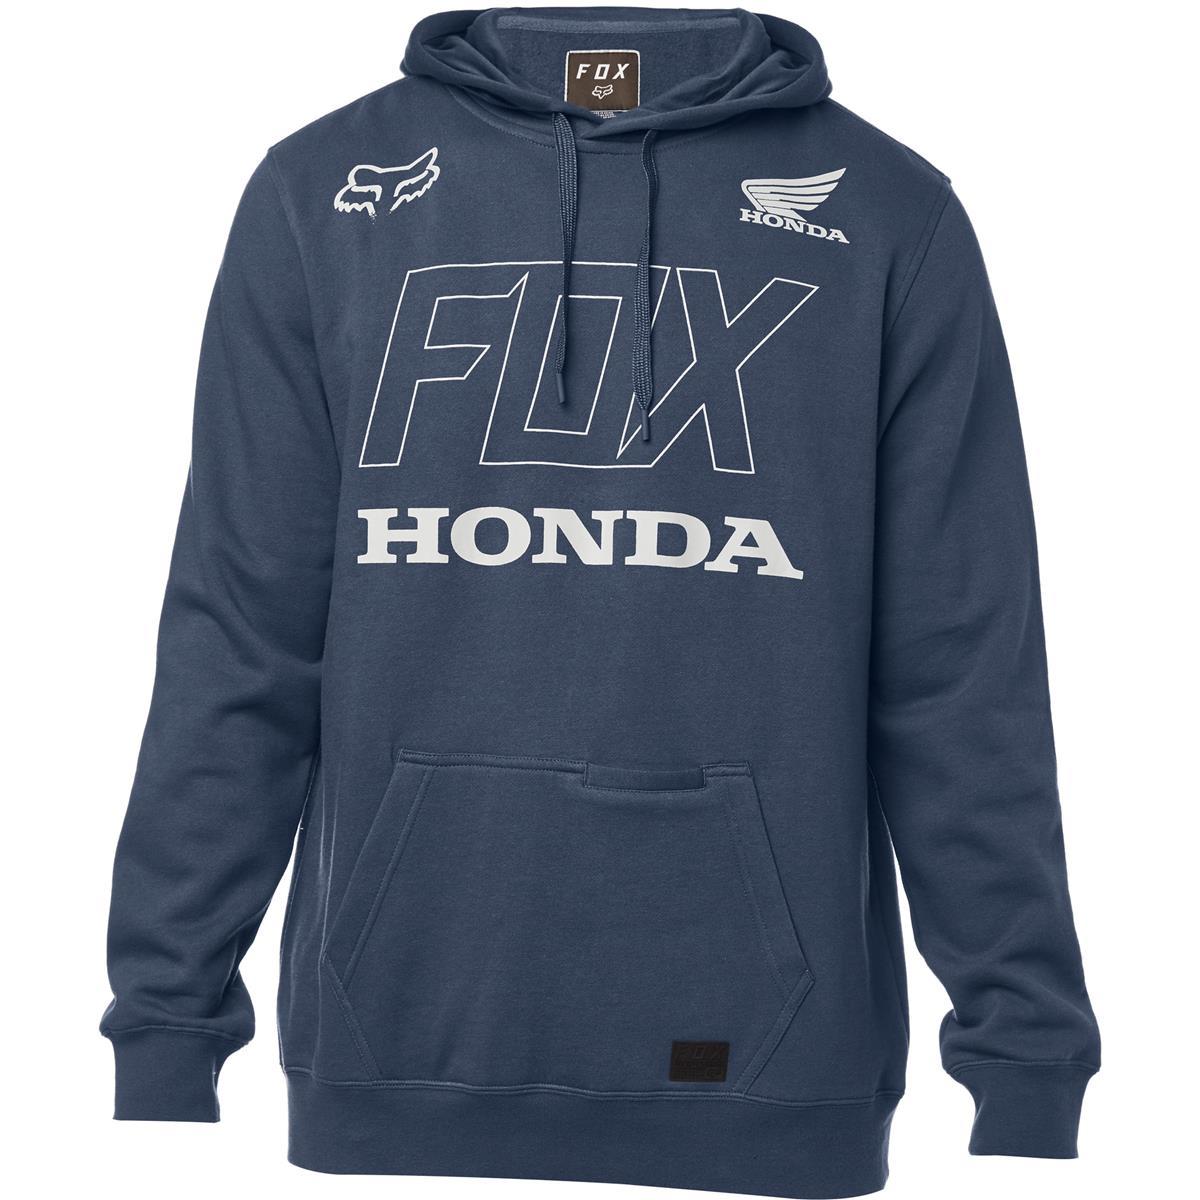 Fox Hoody Honda Navy